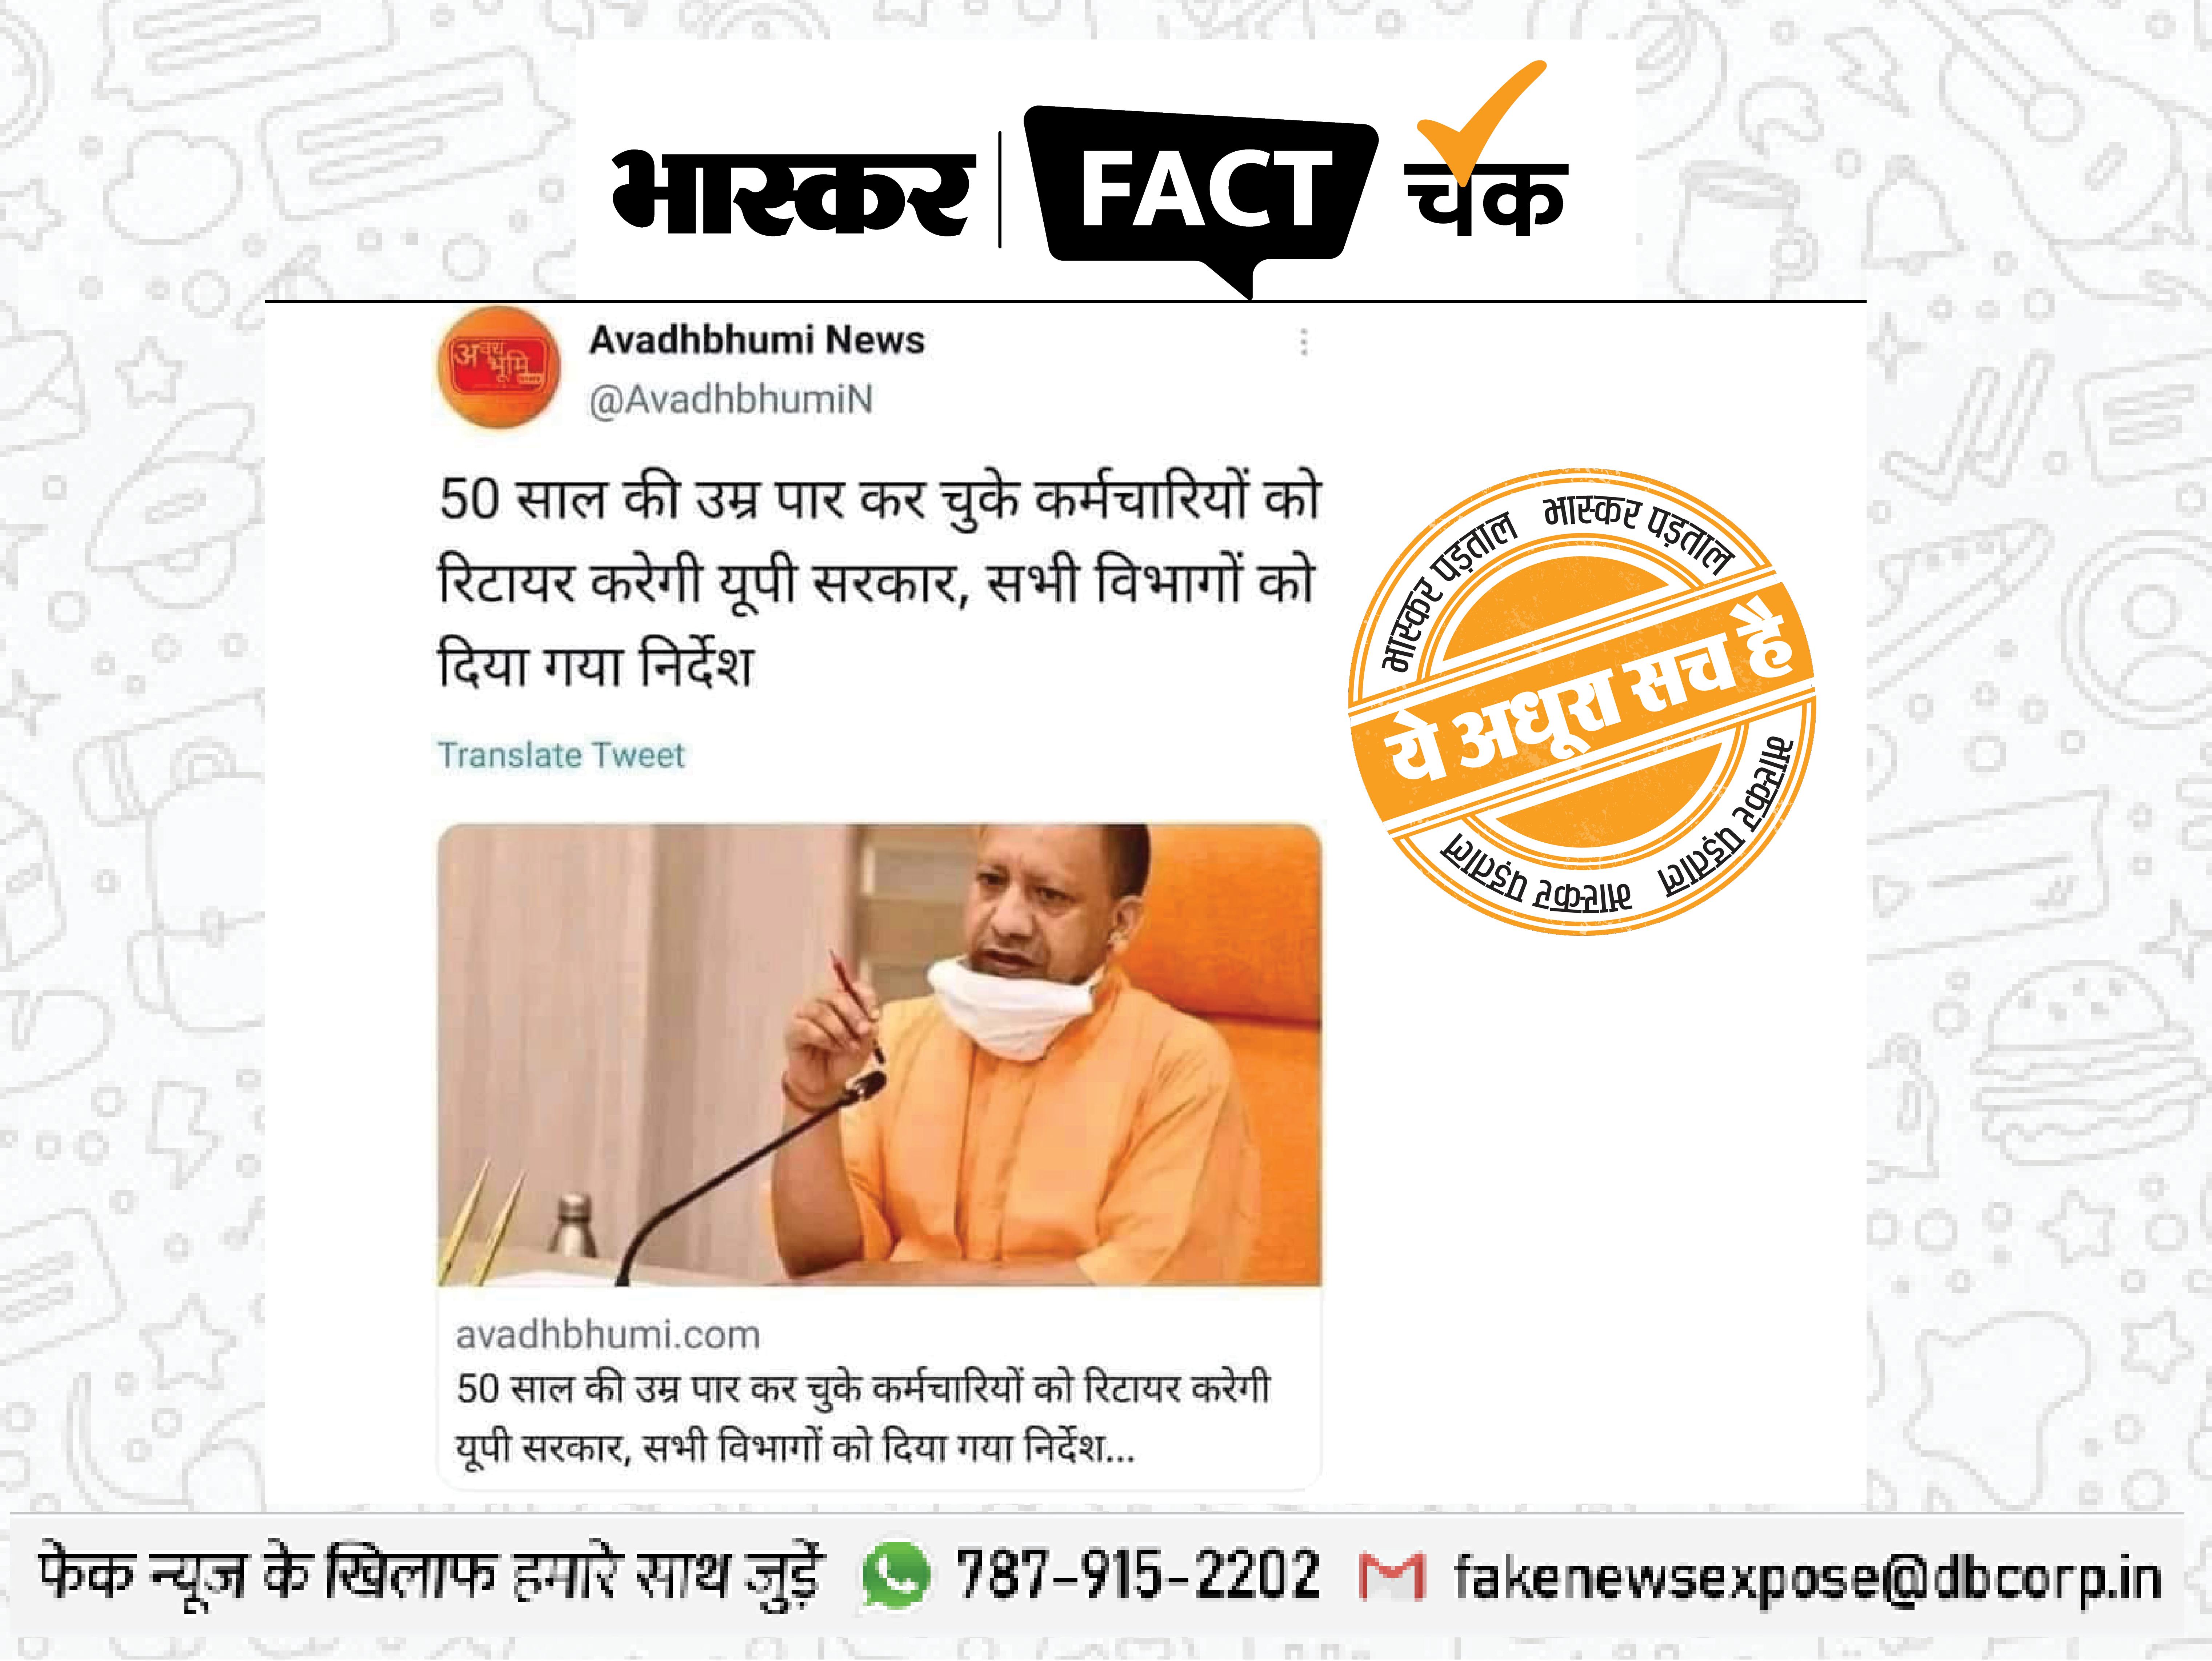 यूपी में 50 साल से ज्यादा उम्र के कर्मचारियों को रिटायर करेगी योगी सरकार? जानिए इस वायरल पोस्ट की पूरी सच्चाई|फेक न्यूज़ एक्सपोज़,Fake News Expose - Dainik Bhaskar